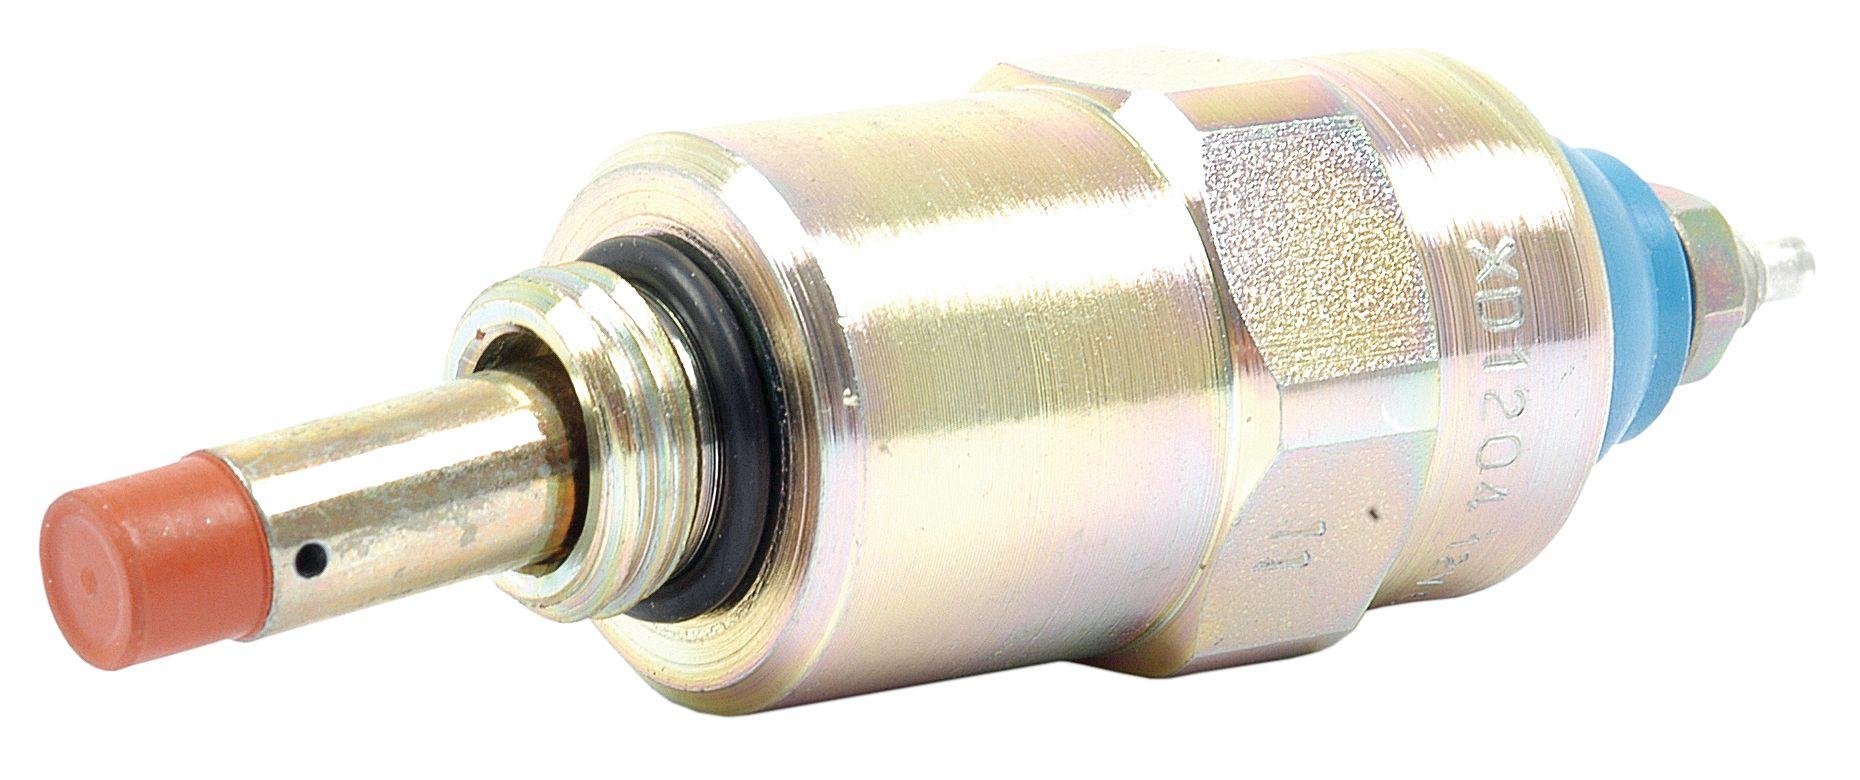 John Deere Fuel Injector Parts : Buy john deere fuel injection spare parts free uk